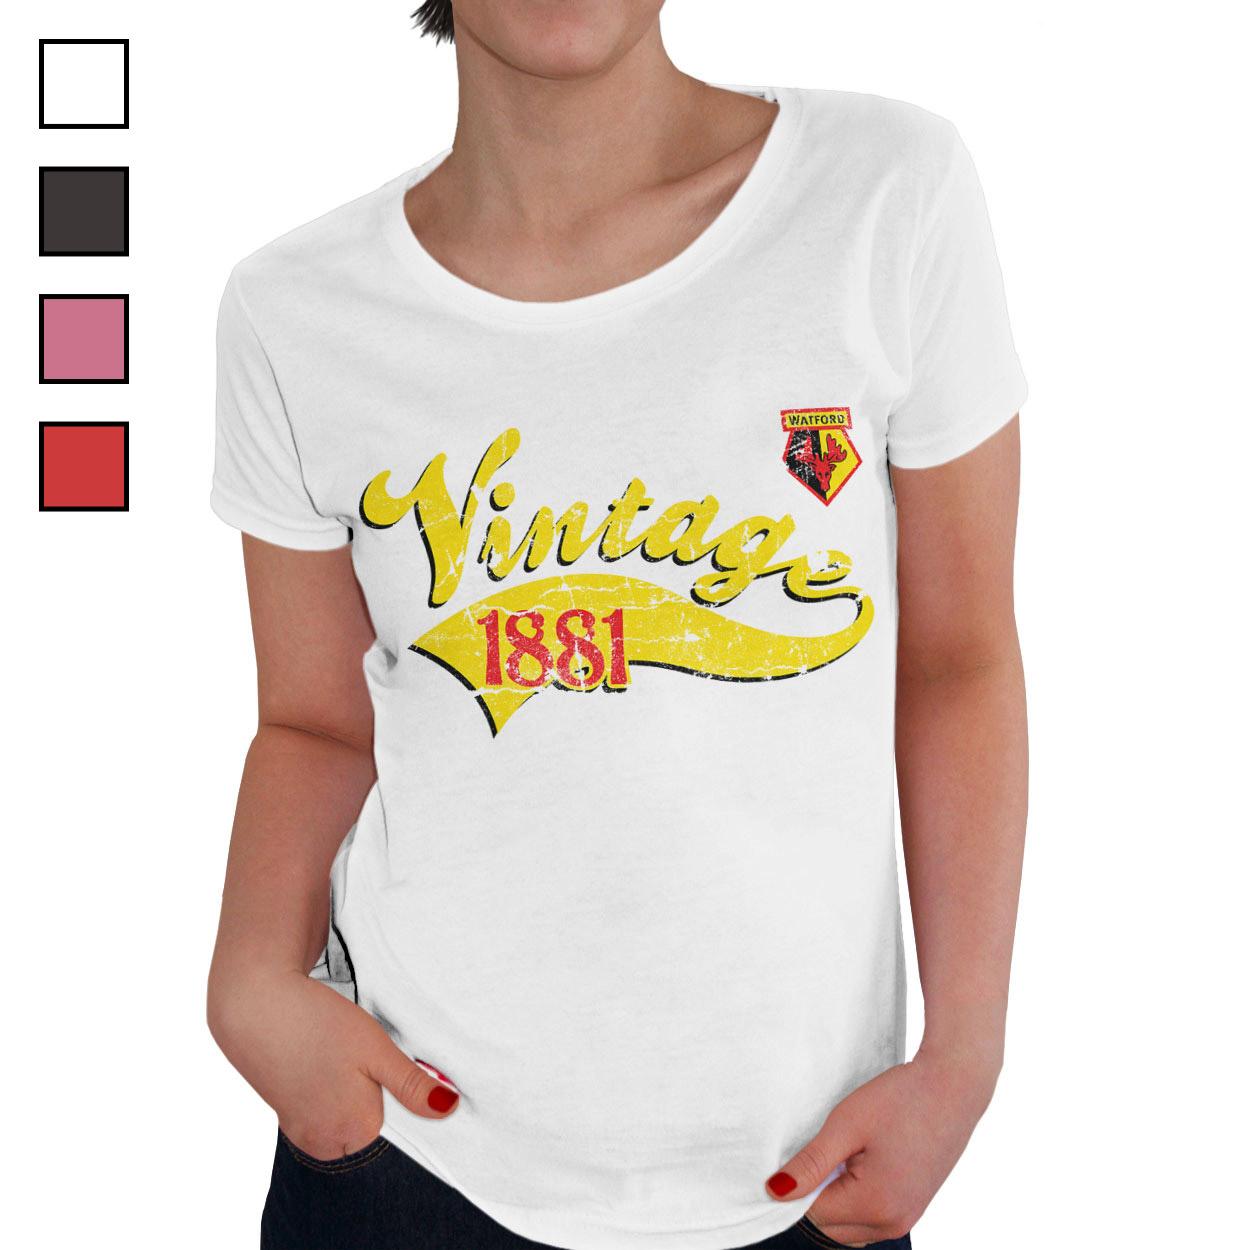 Watford FC Ladies Vintage T-Shirt